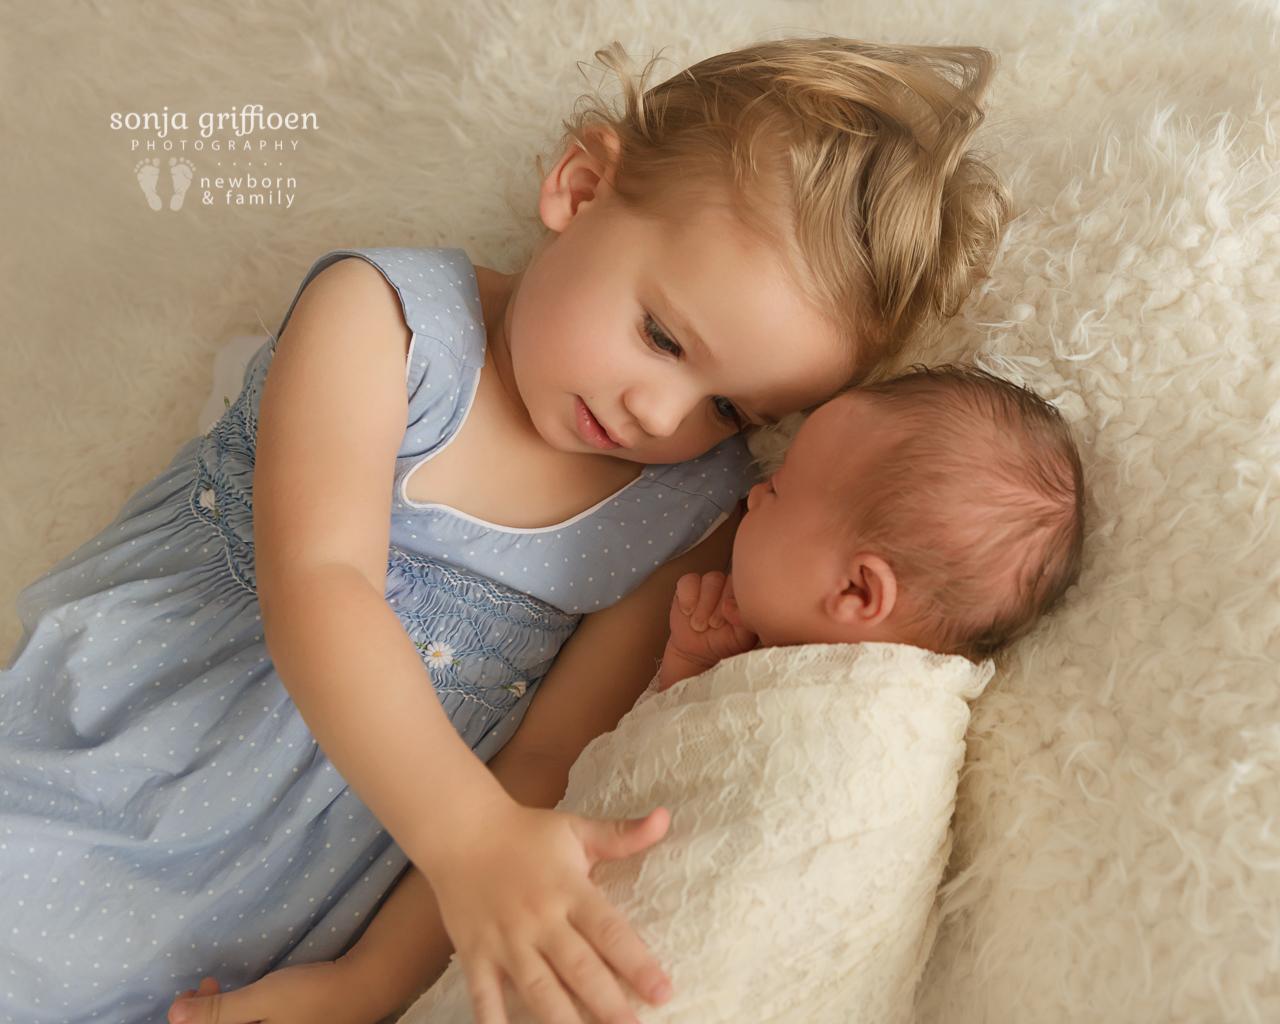 Marguerite-Newborn-Brisbane-Newborn-Photographer-Sonja-Griffioen-19.jpg